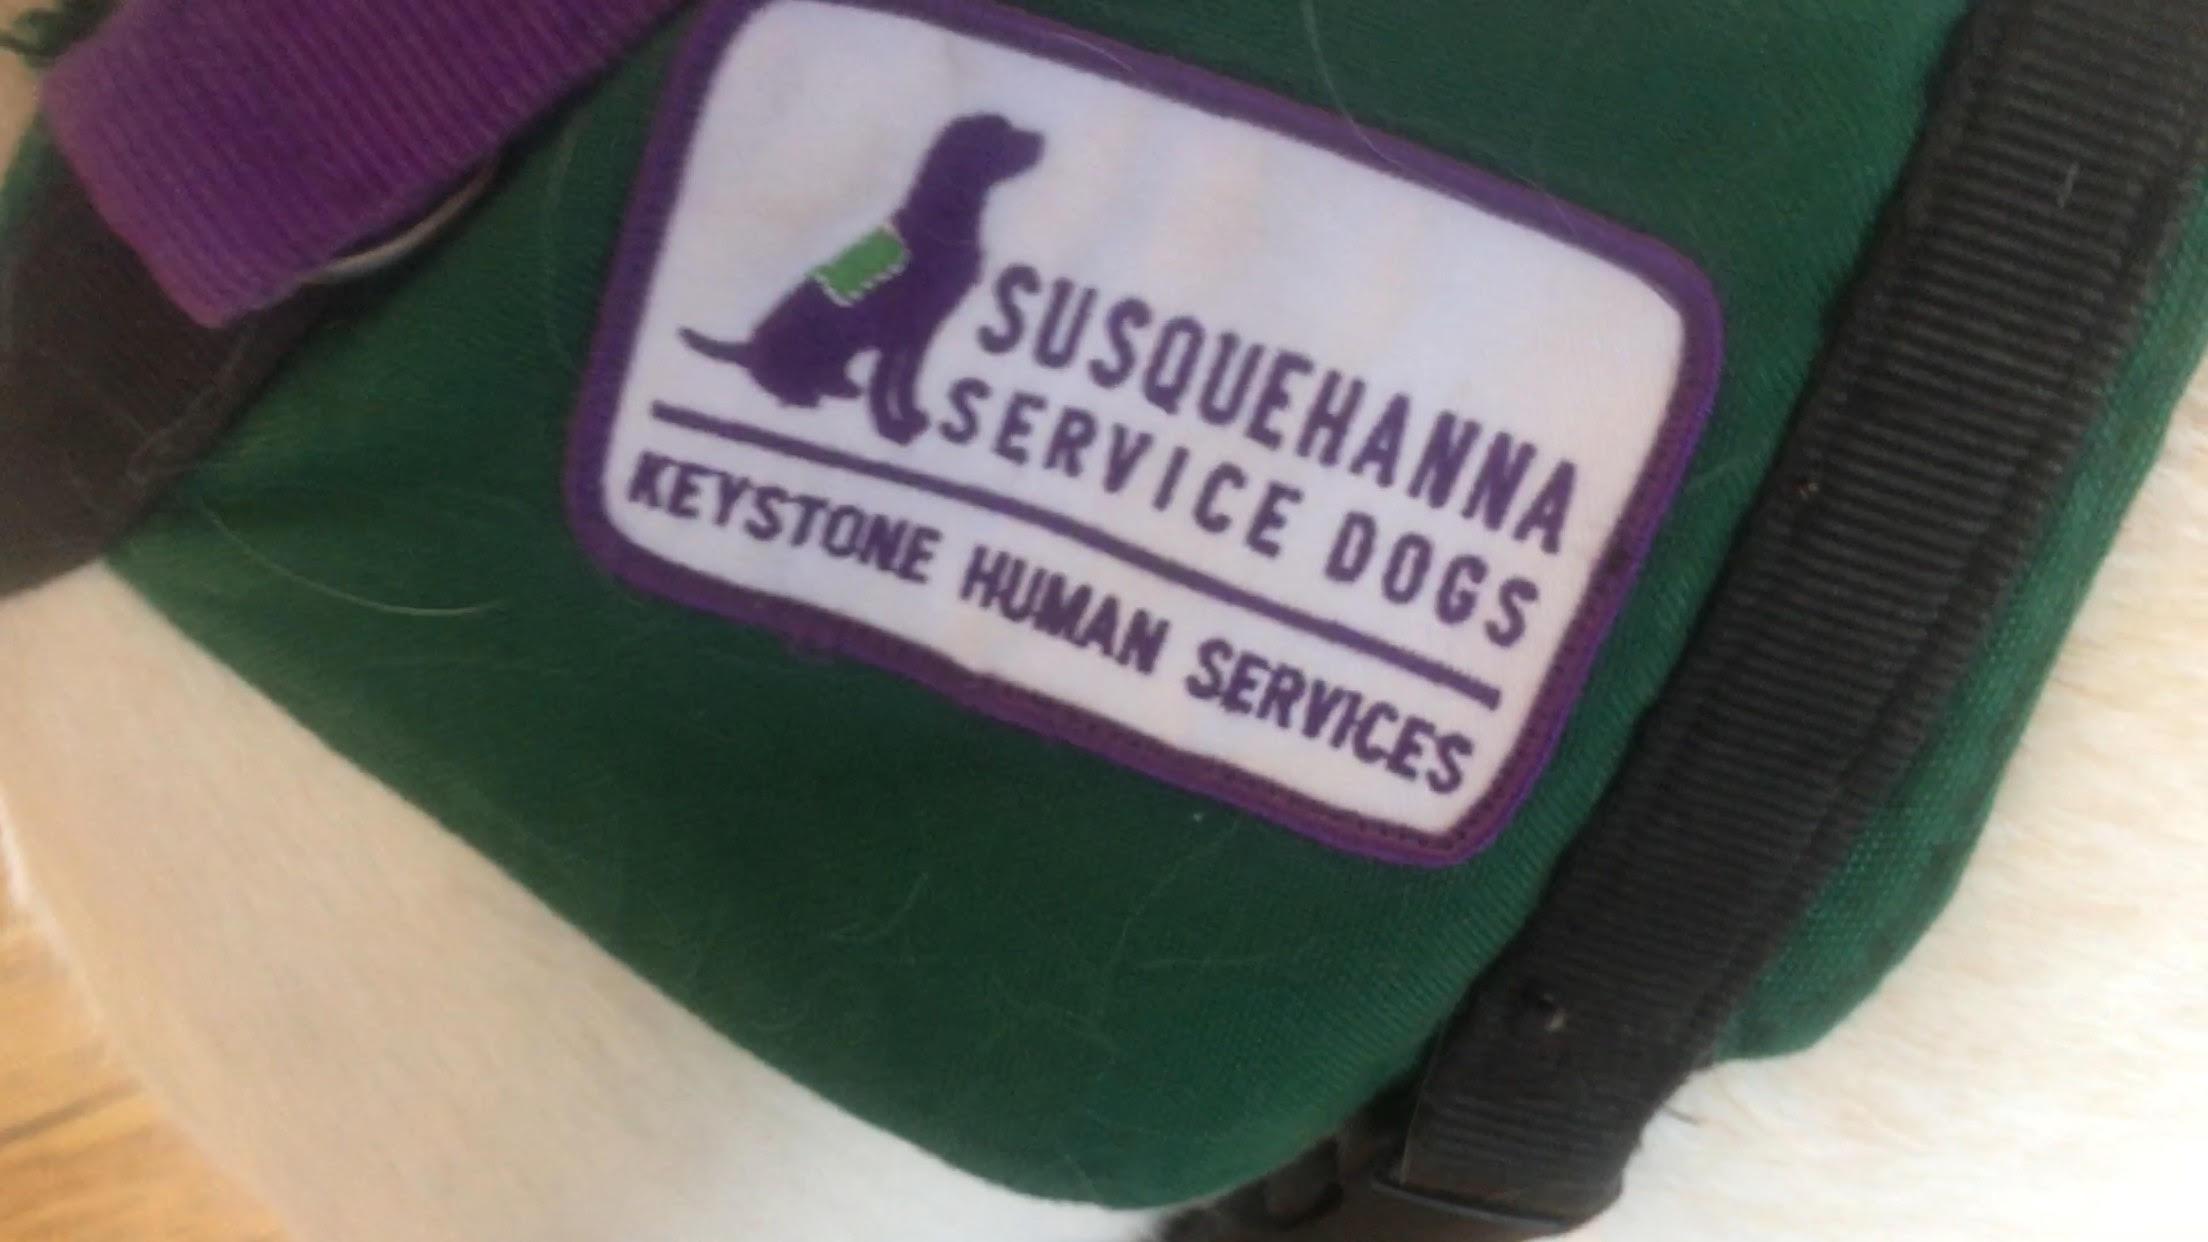 SusquehannaServiceDogs2